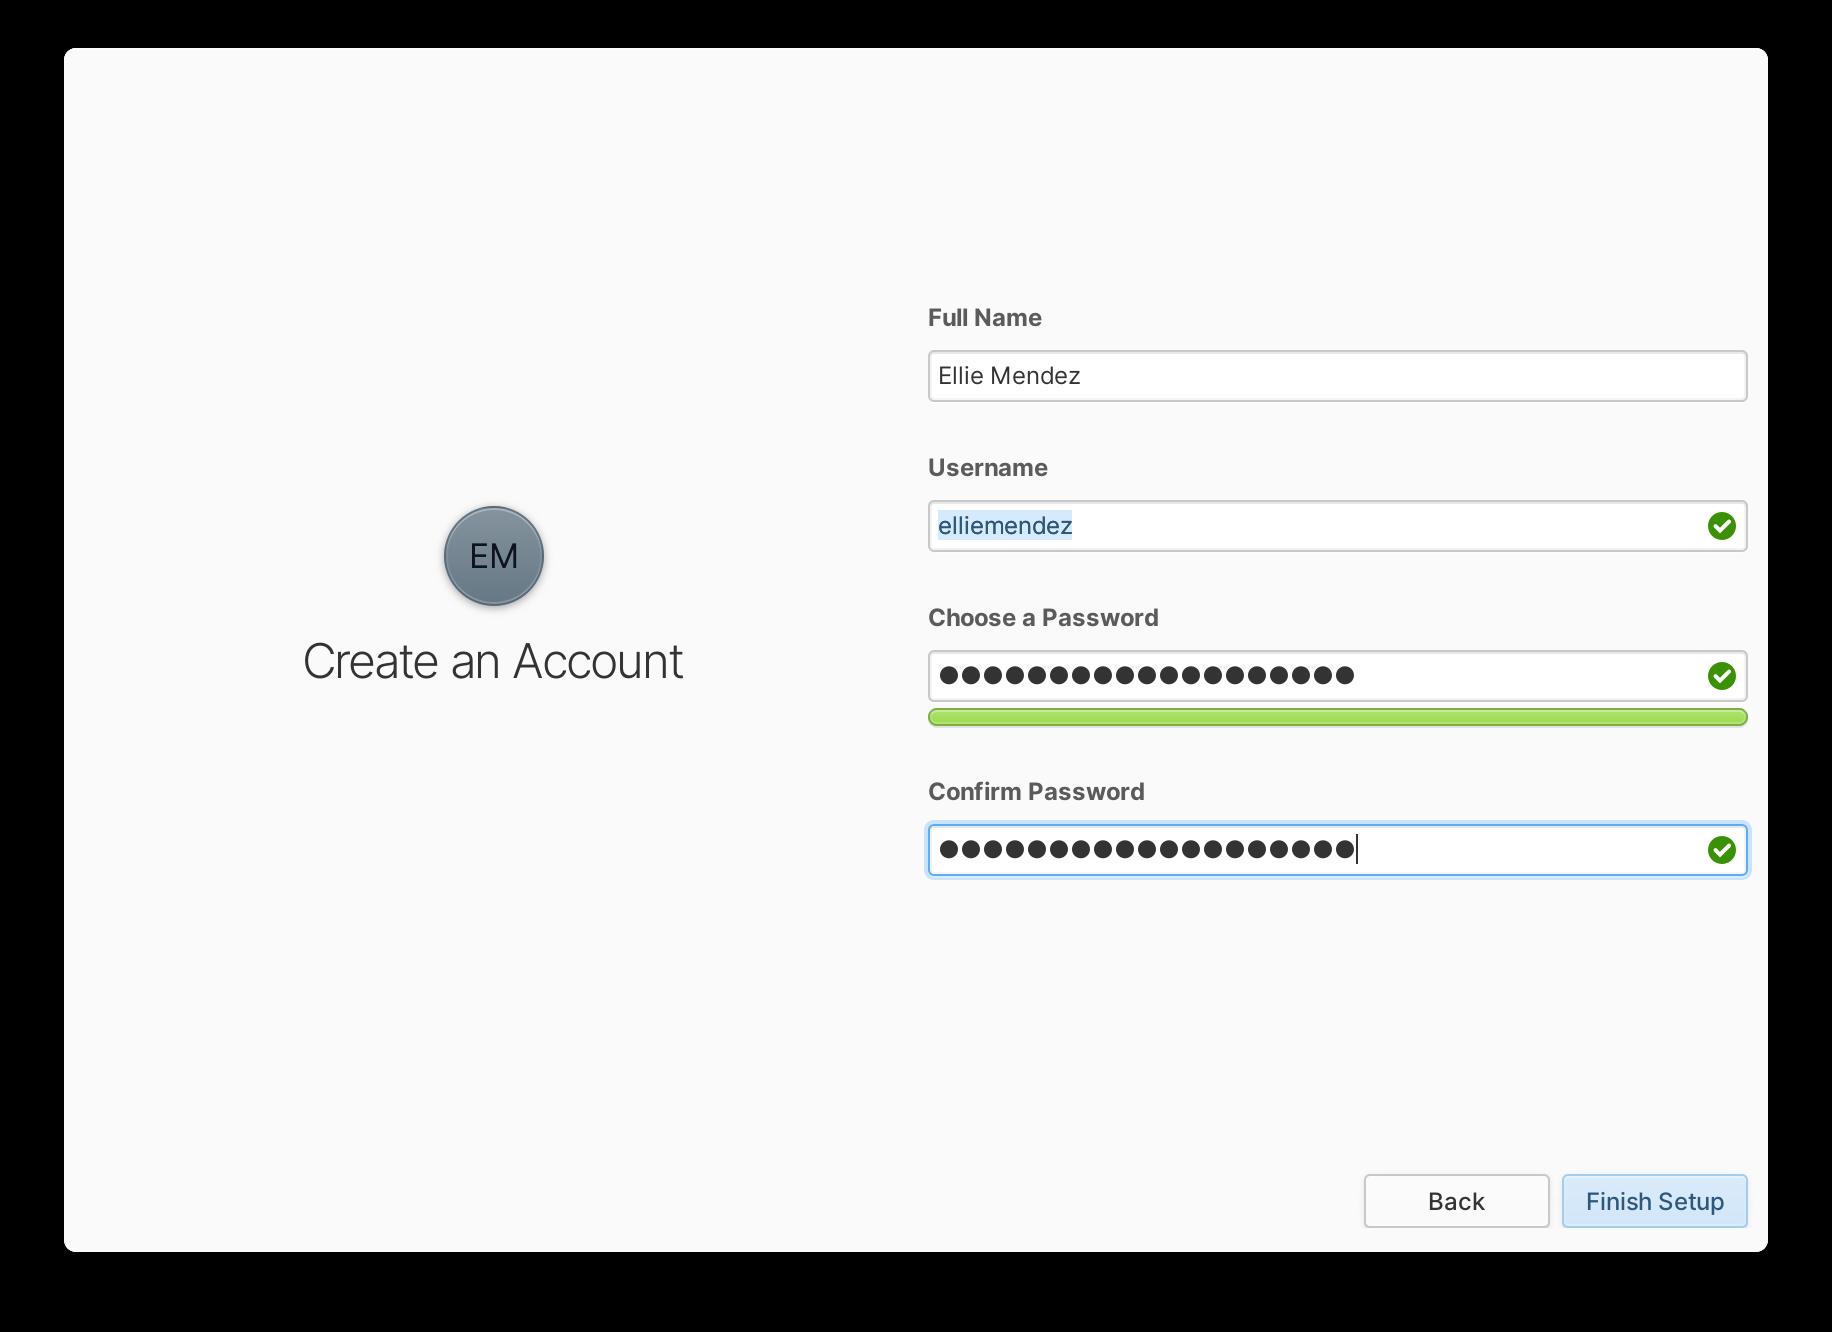 Página de usuario de configuración inicial